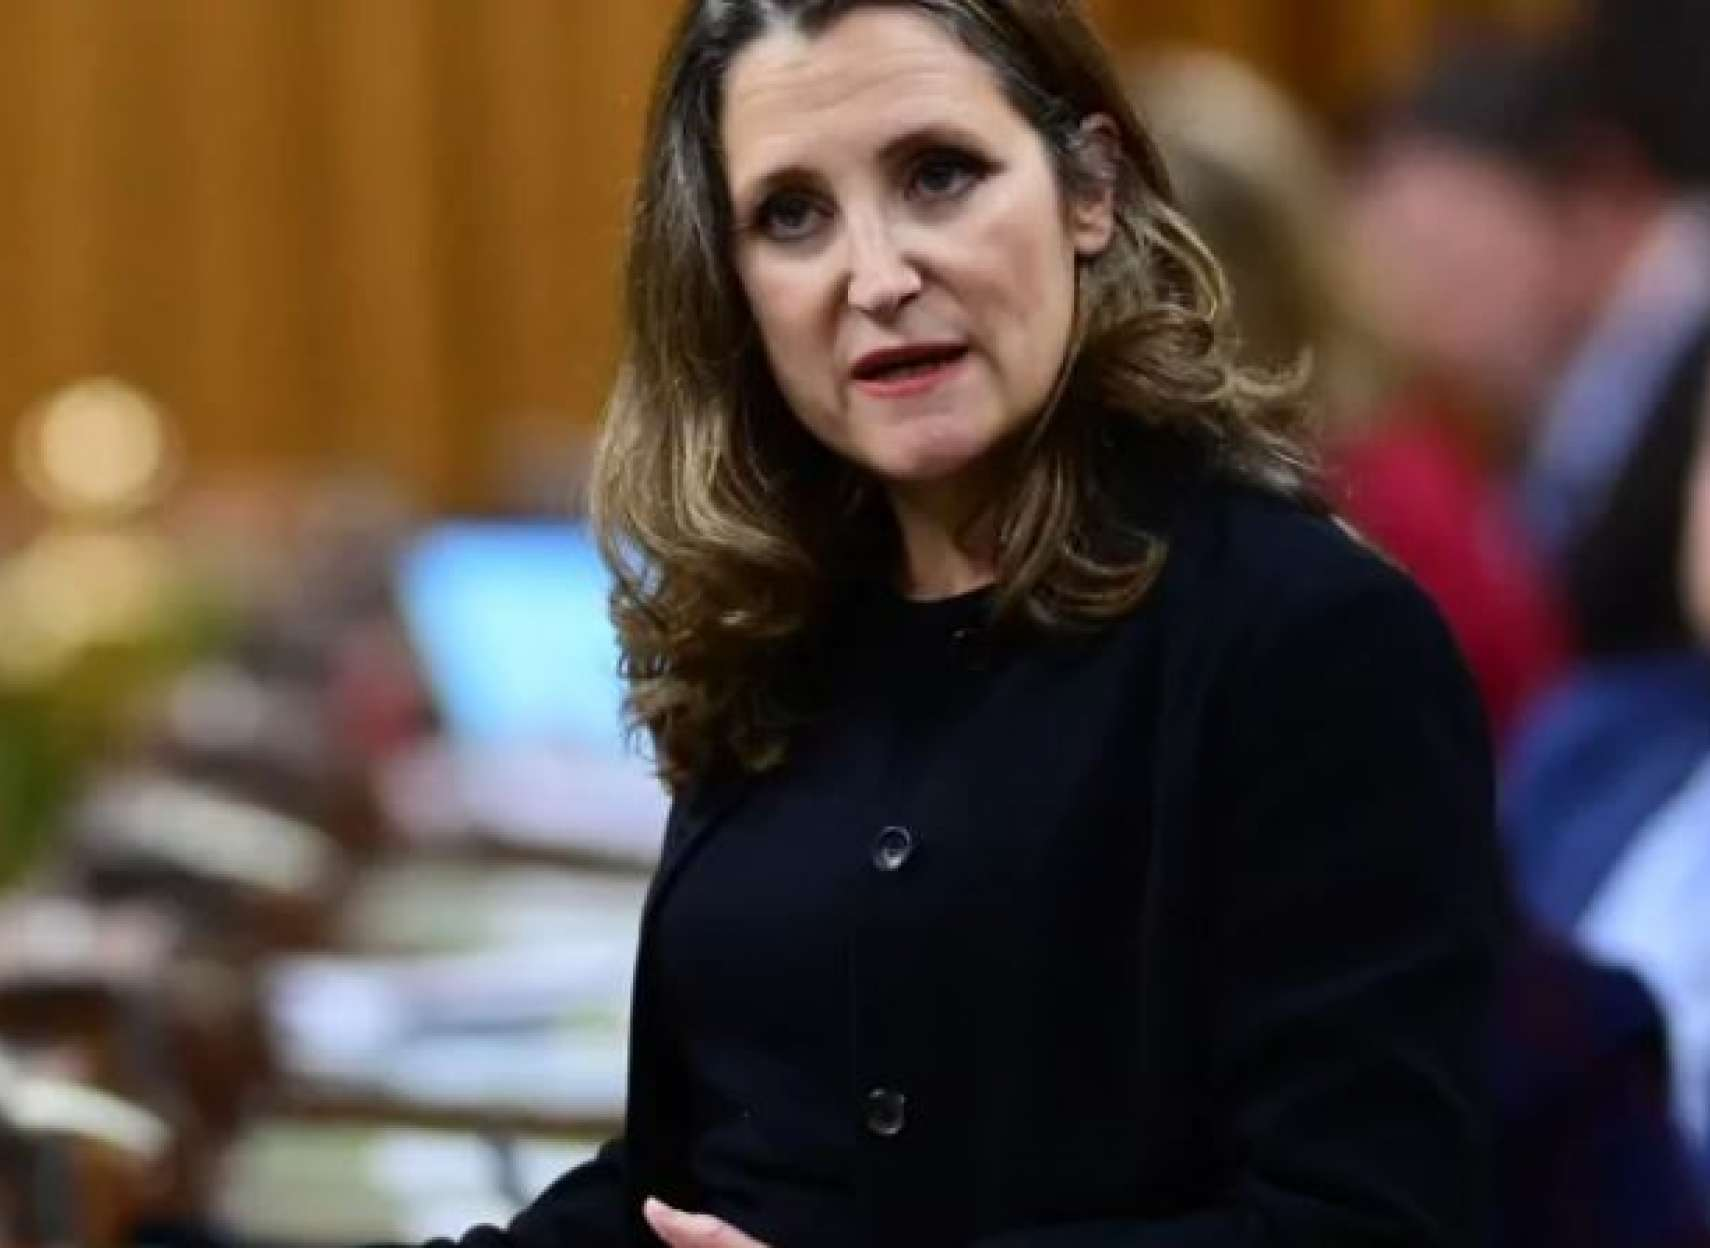 جزییات-مهم-برنامه-کوتاه-مدت-اقتصادی-دولت-کانادا-در-پسا-کرونا-دولت-از-خانواده-ها-و- جوانان-چقدر-حمایت-می-کند-و-چه-برنامه-های- مالیاتی-جدیدی-دارد